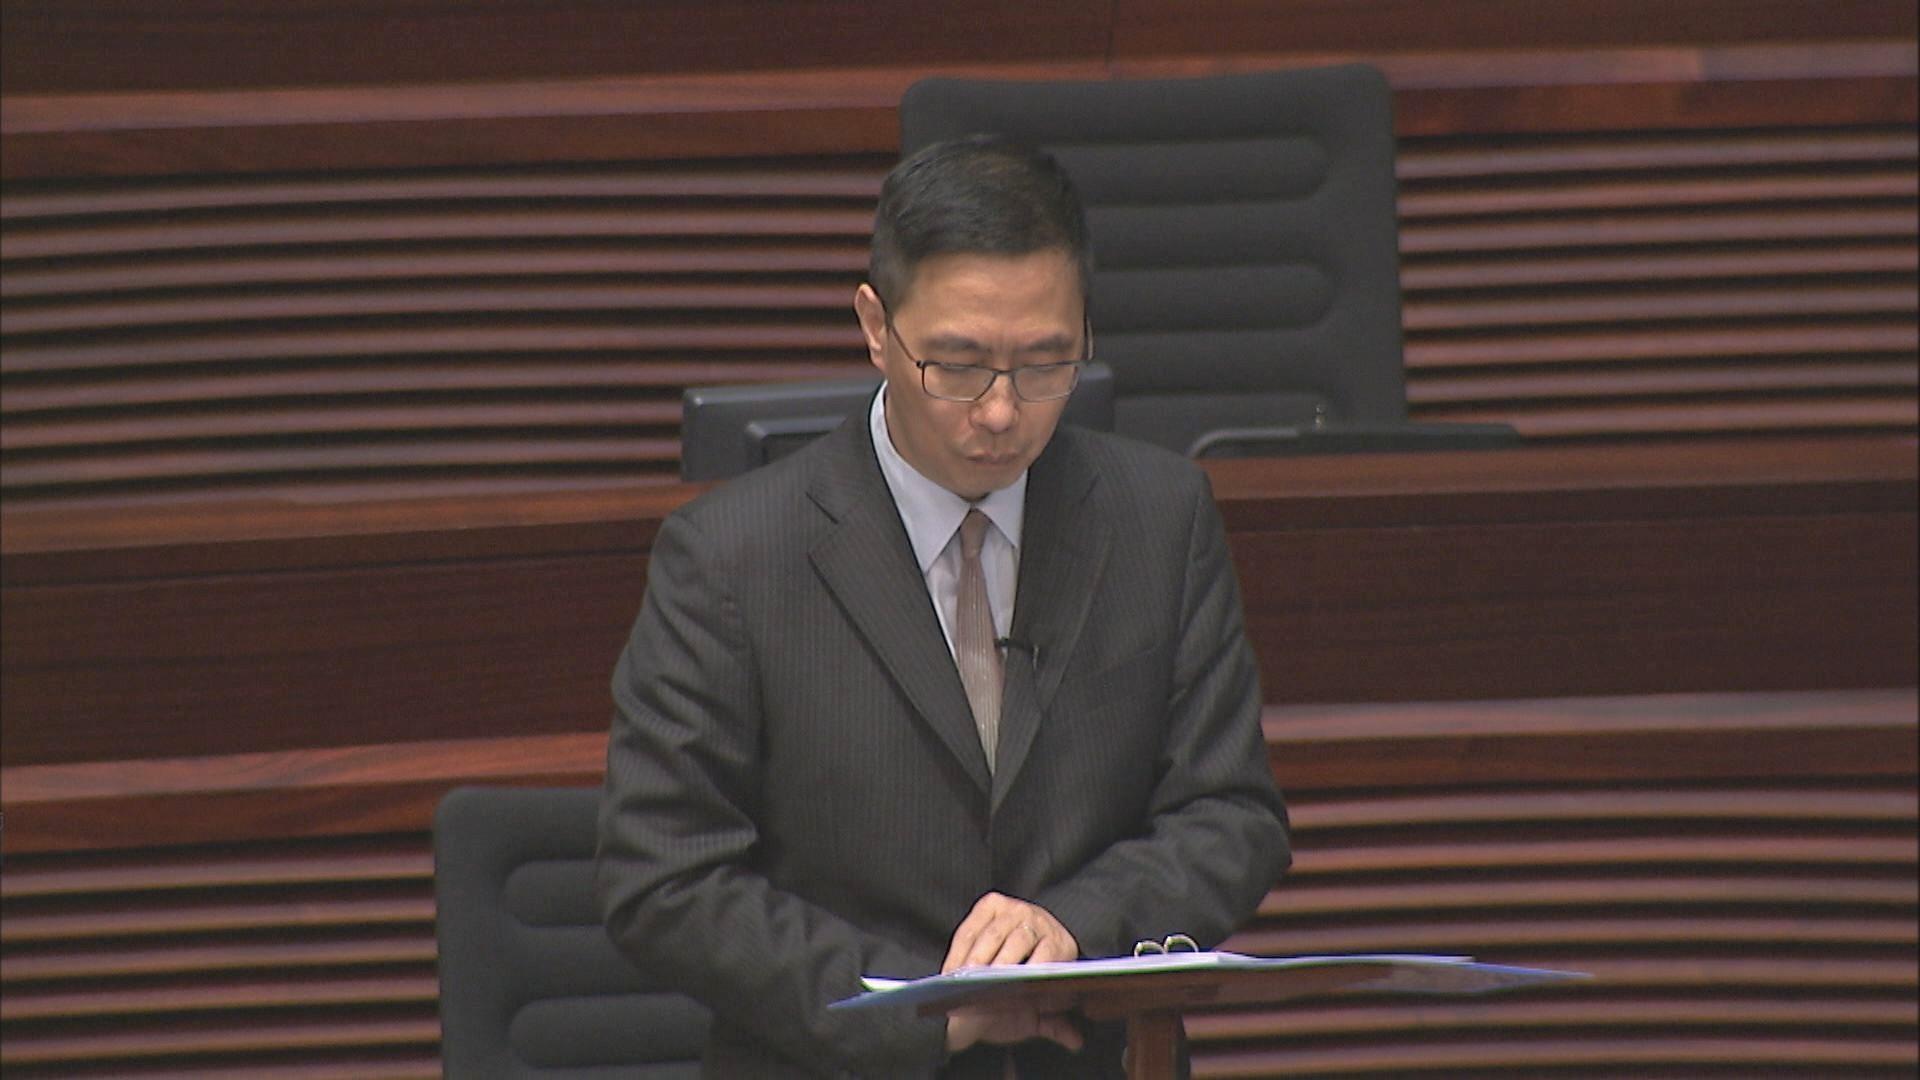 楊潤雄:教育守則規管教師在私人空間展示的價值觀